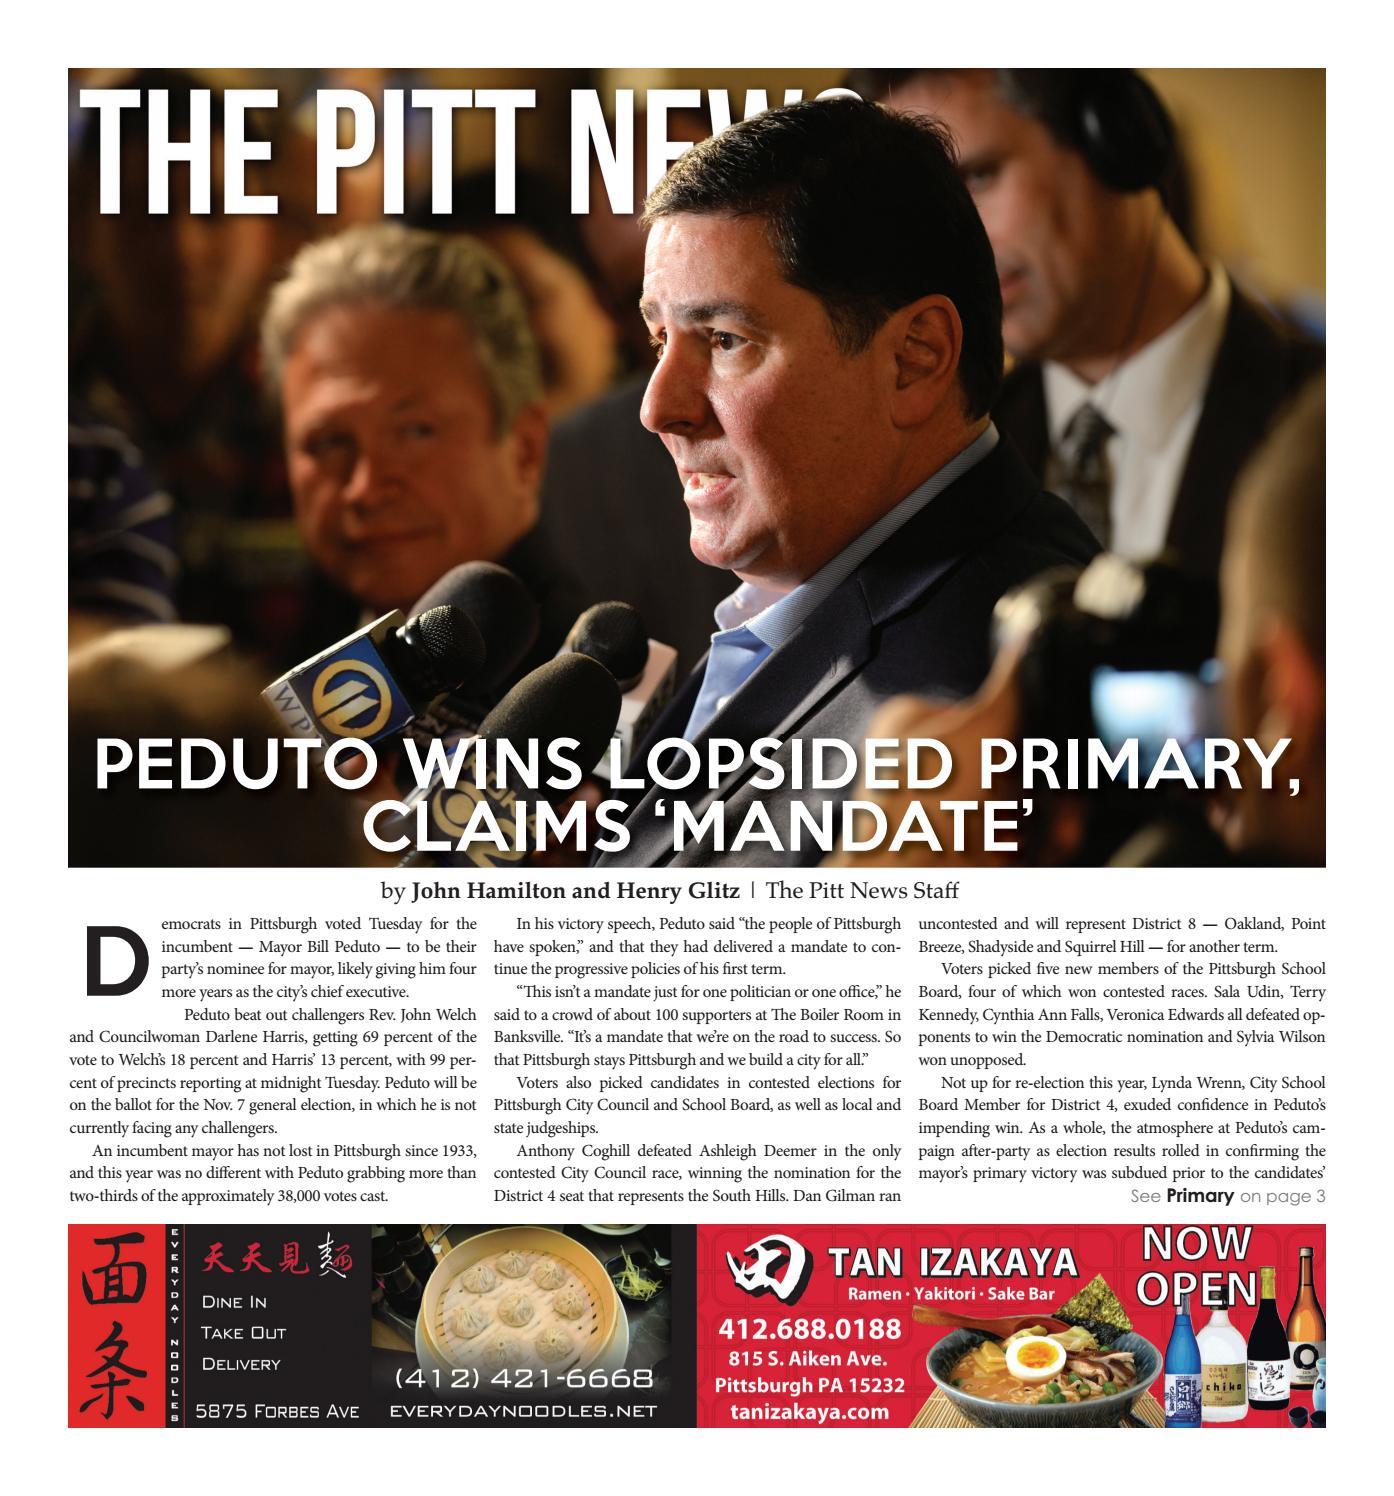 9f15f4fe1 5-17-17 by The Pitt News - issuu